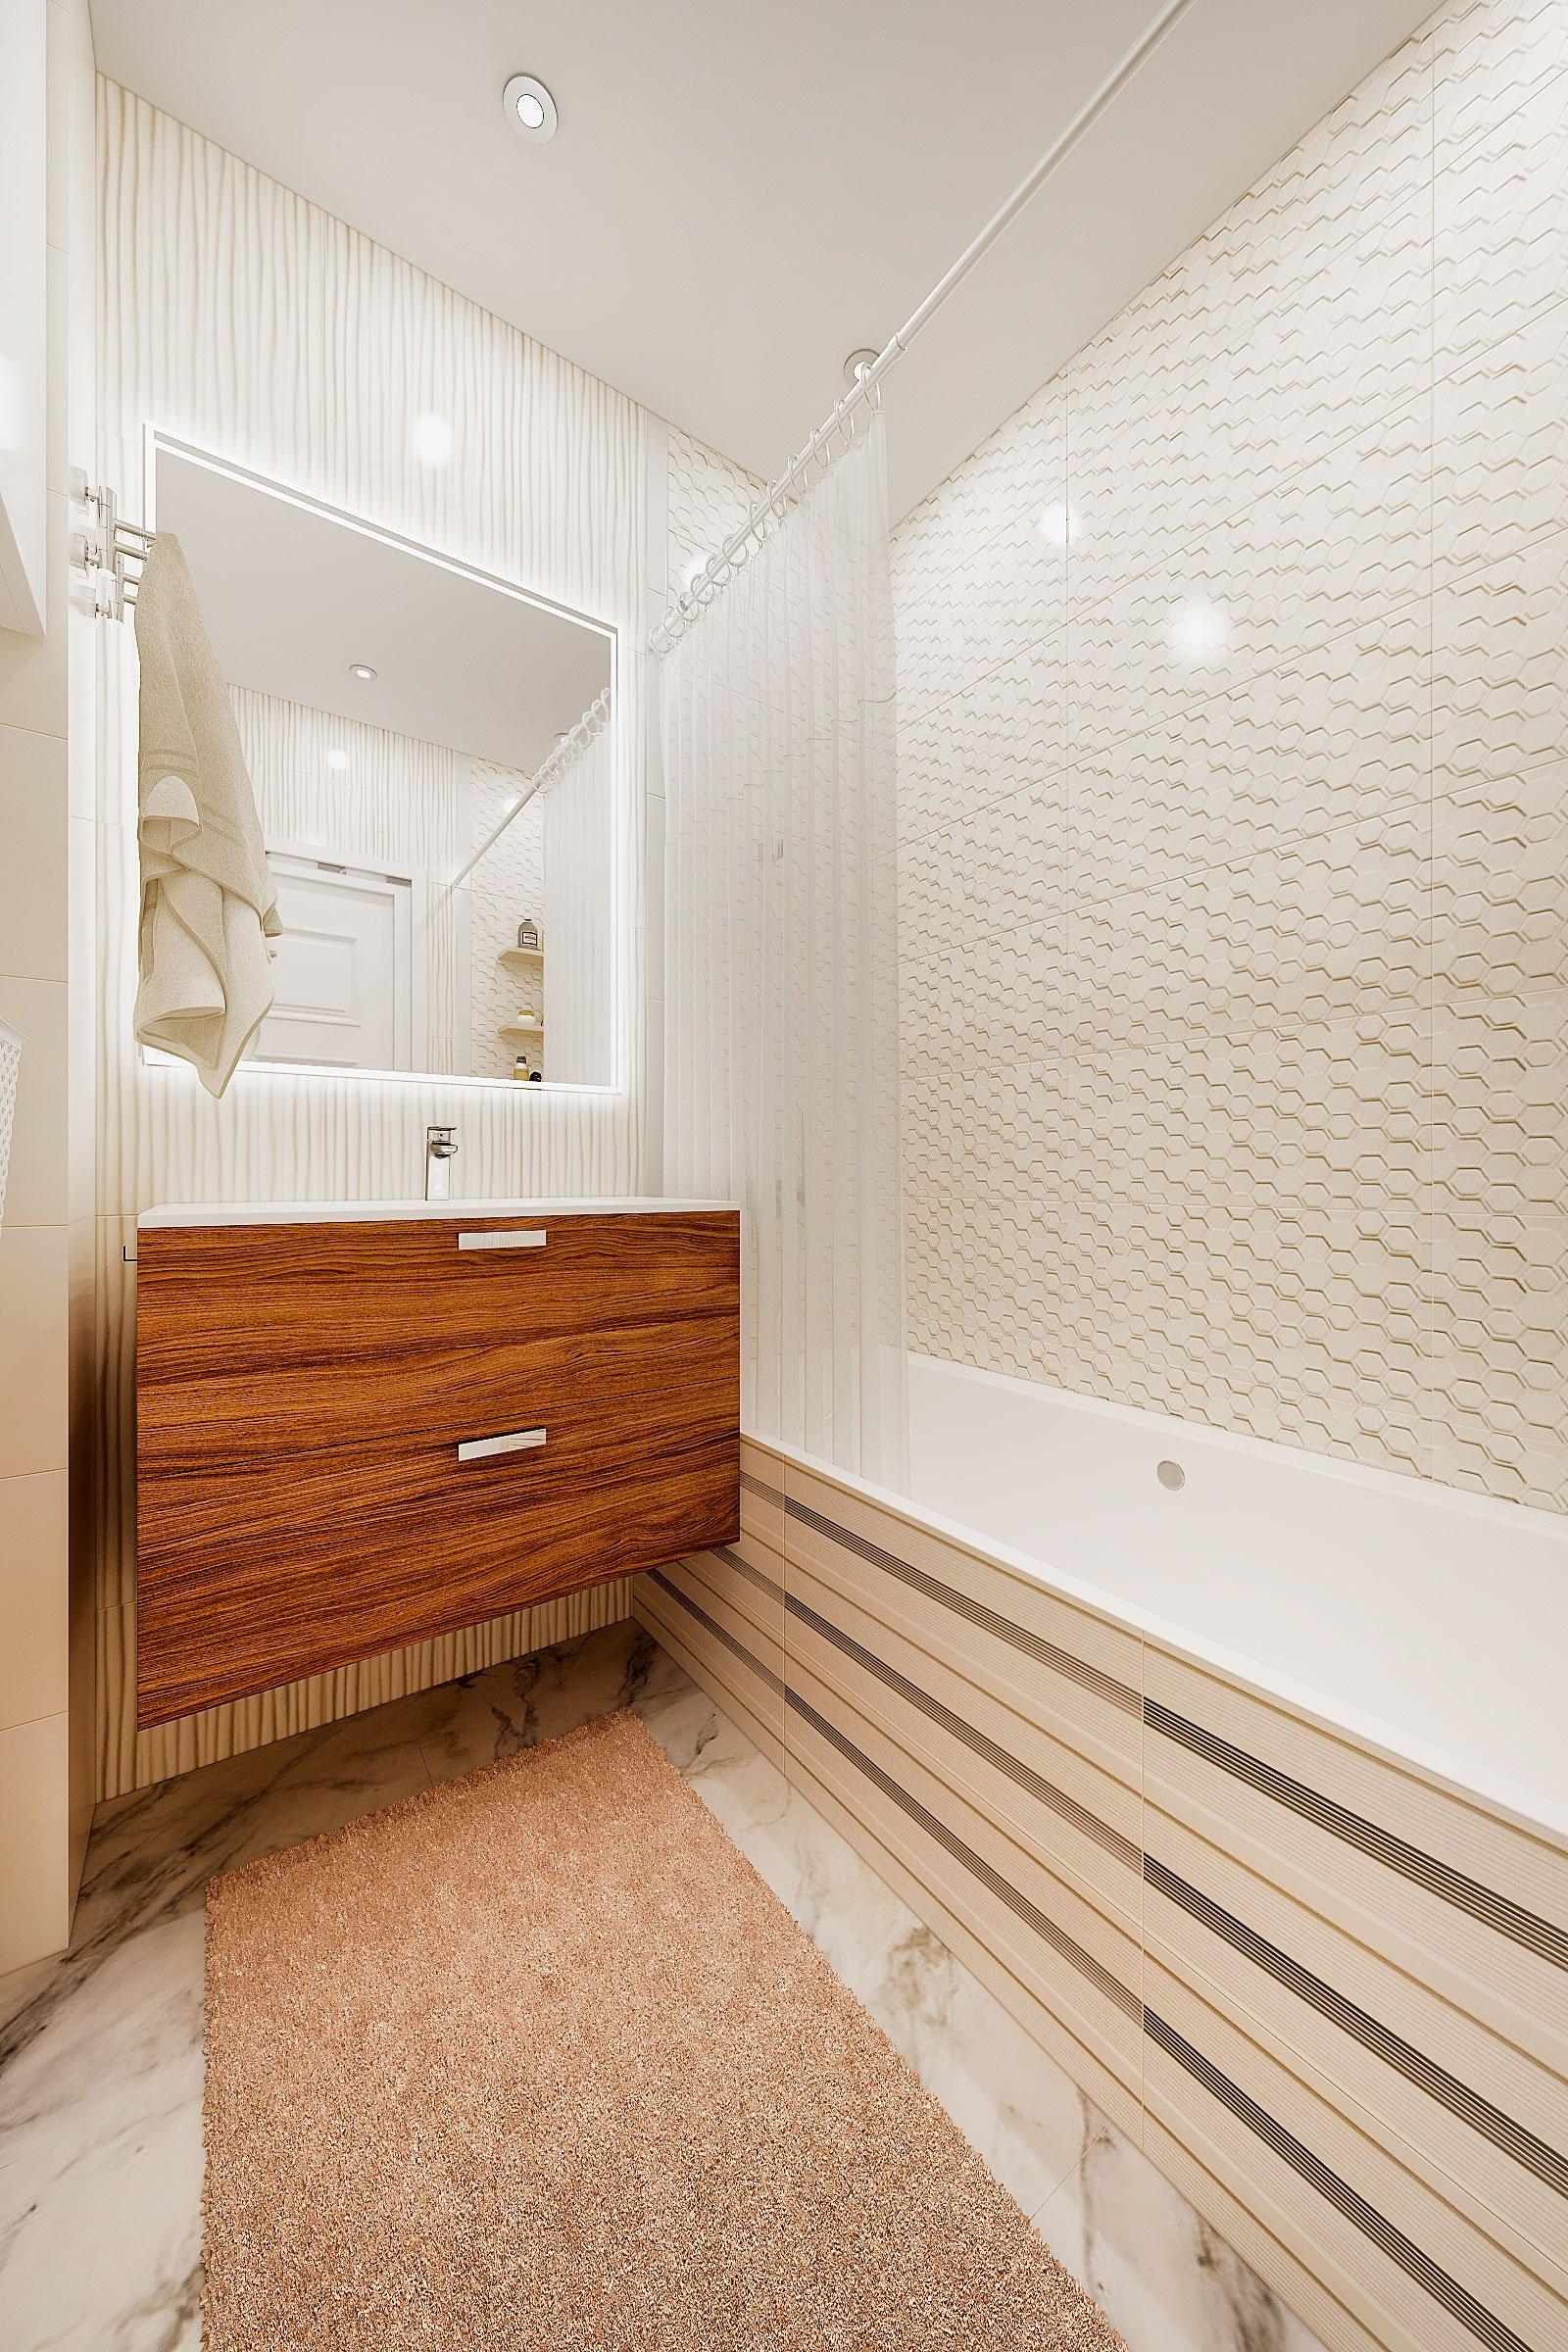 дизайн интерьера ванной в современном стиле, Гомель 2018, фото №3